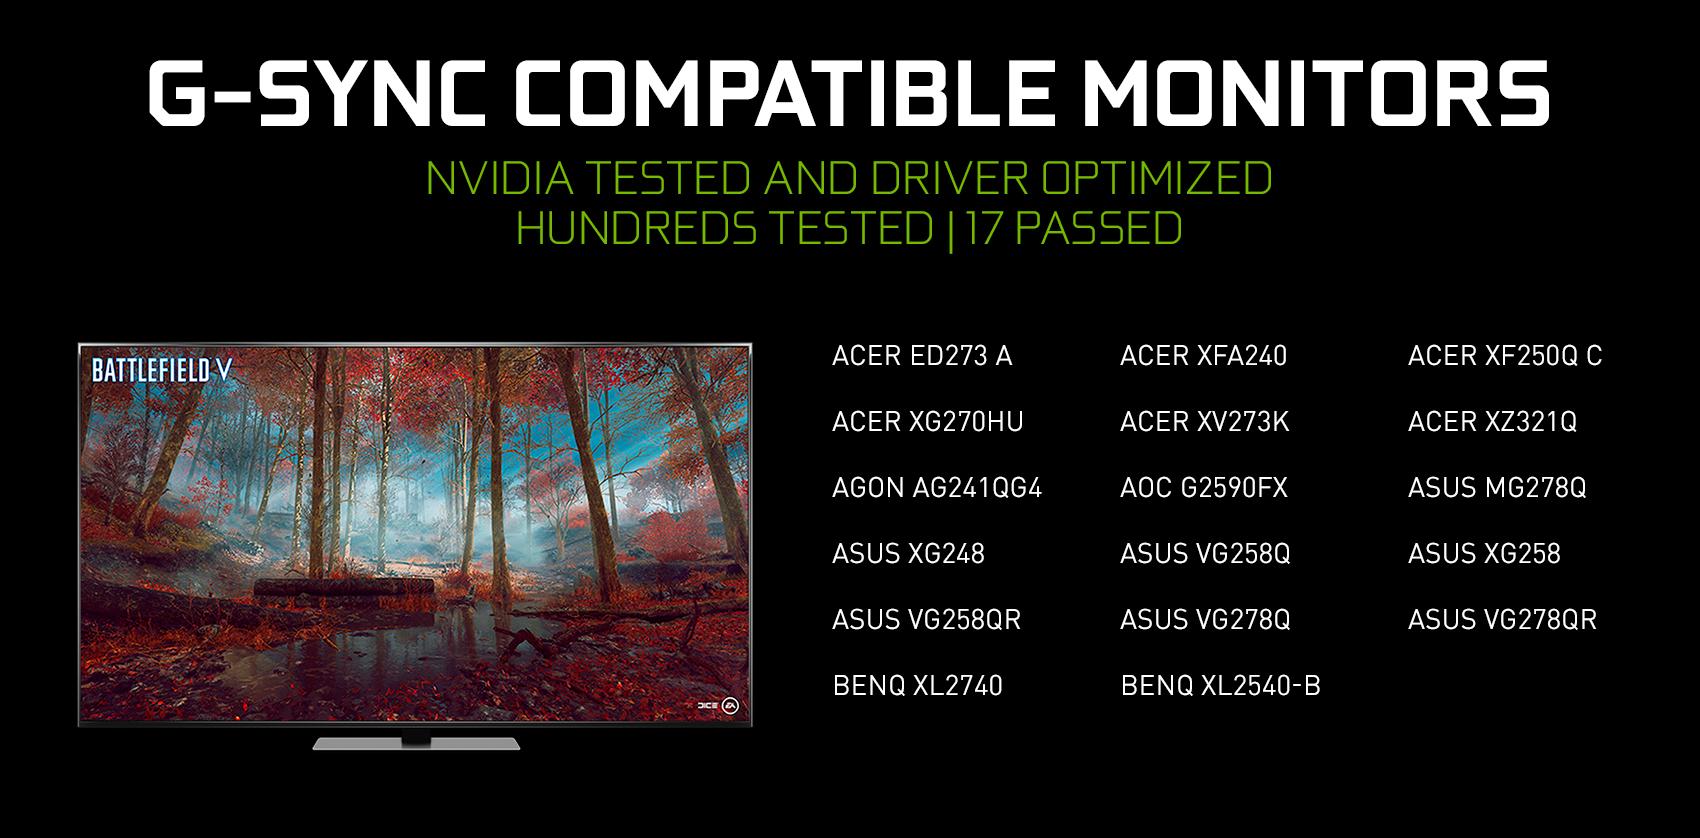 G-SYNC Compatible Monitors and BFGD